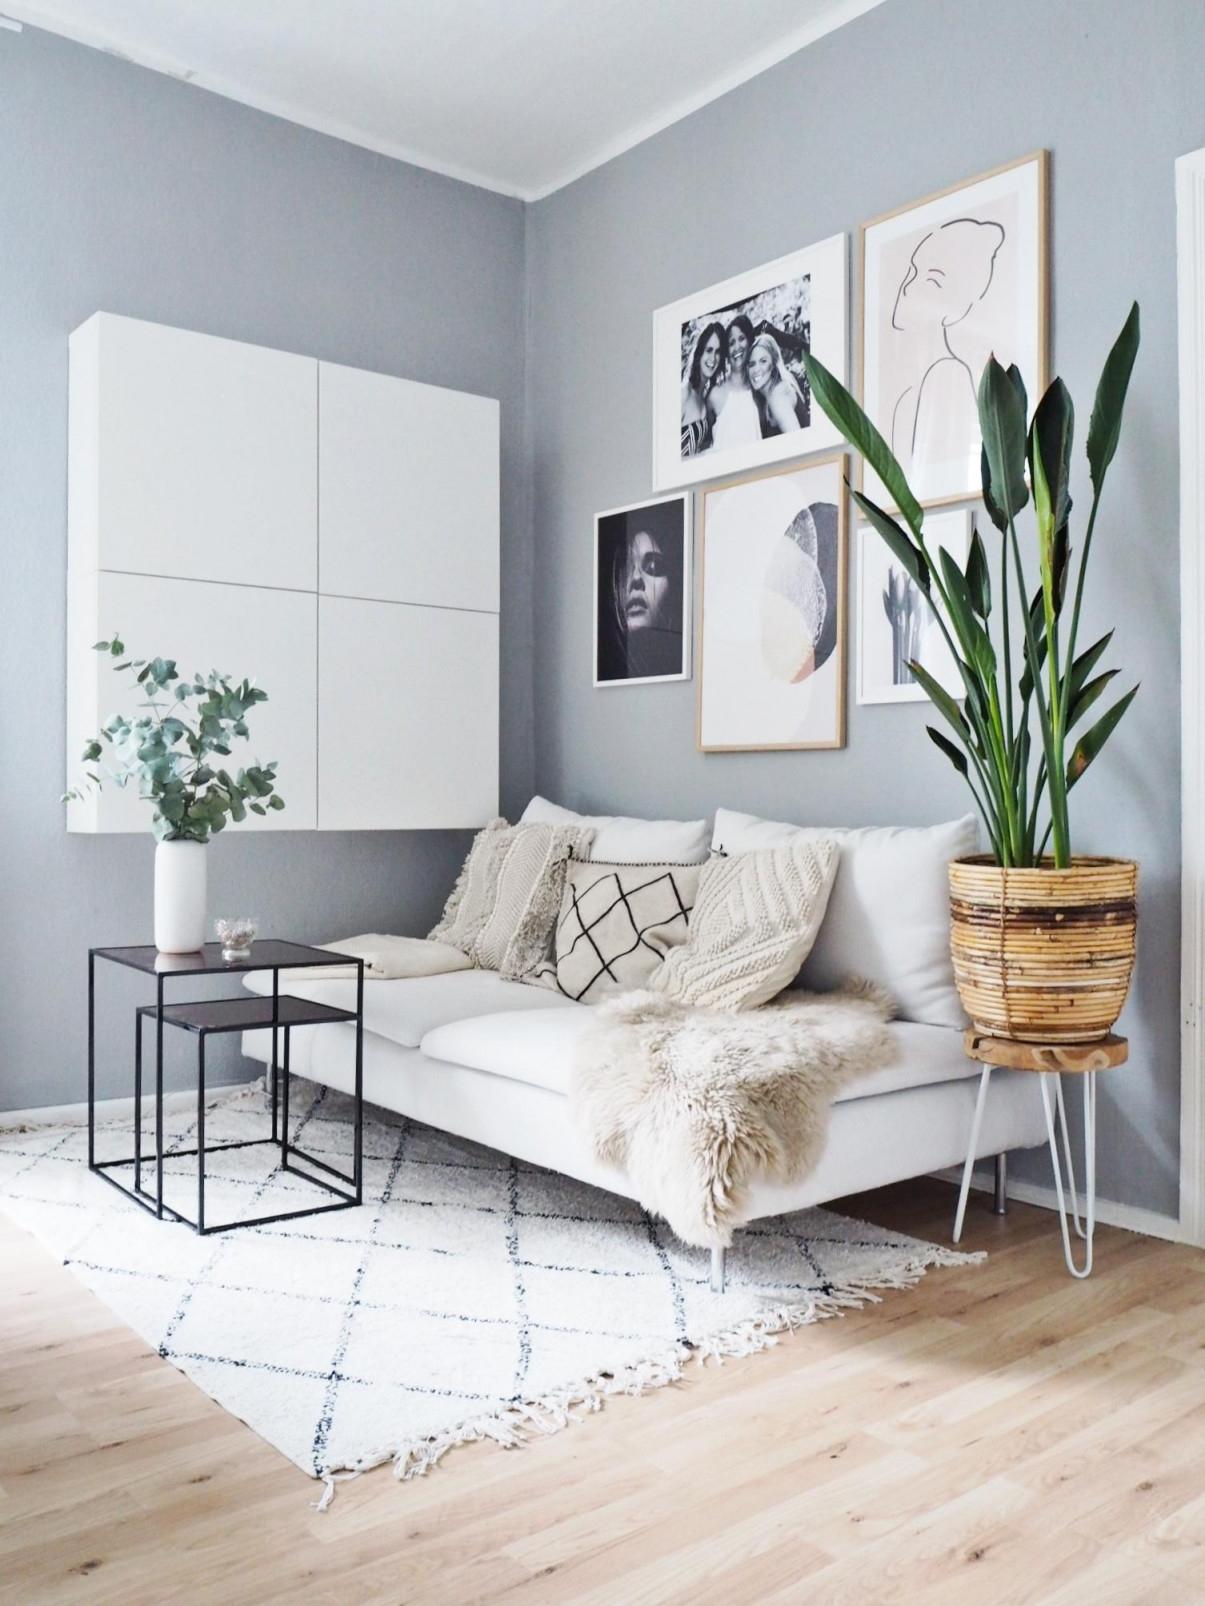 Bilderwandideen Inspiration Bei Couch von Wohnzimmer Wandbilder Ideen Photo